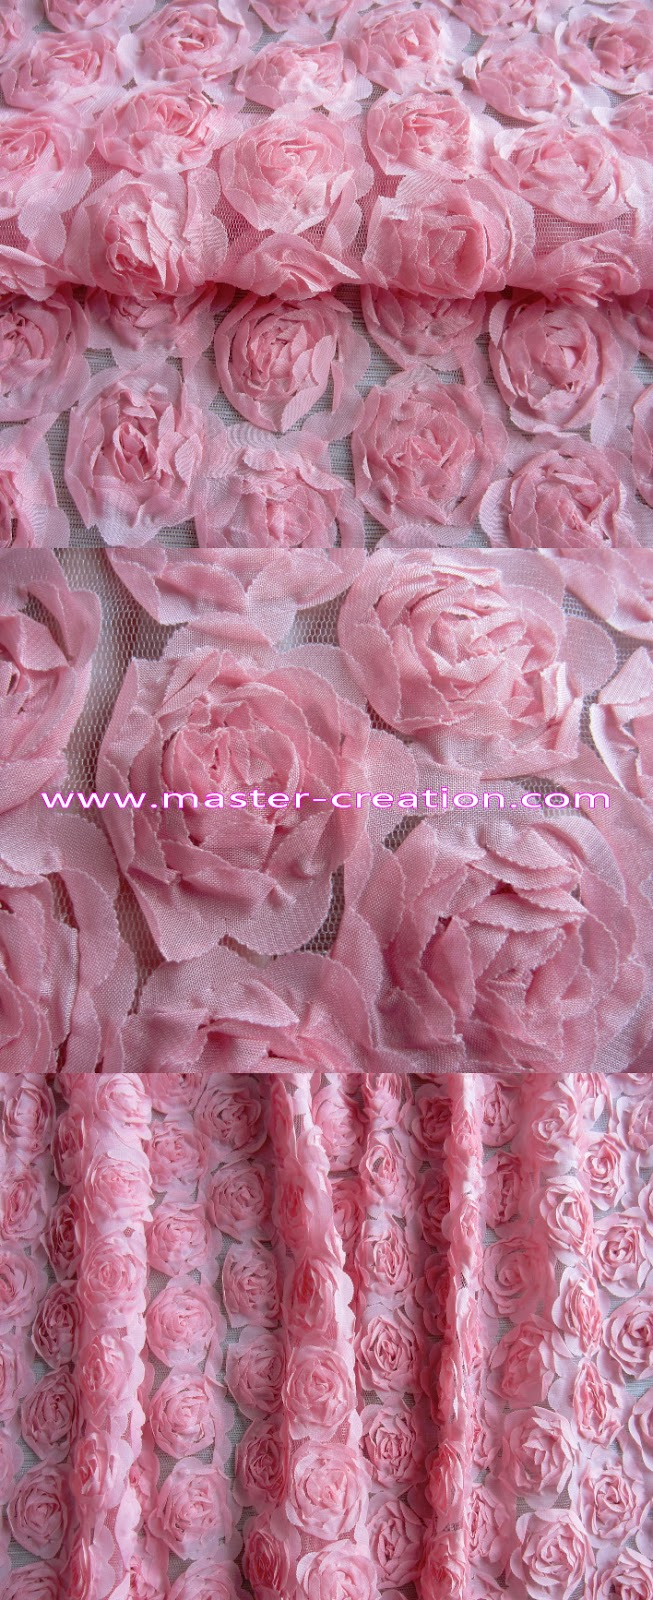 pink rose lace gauze.